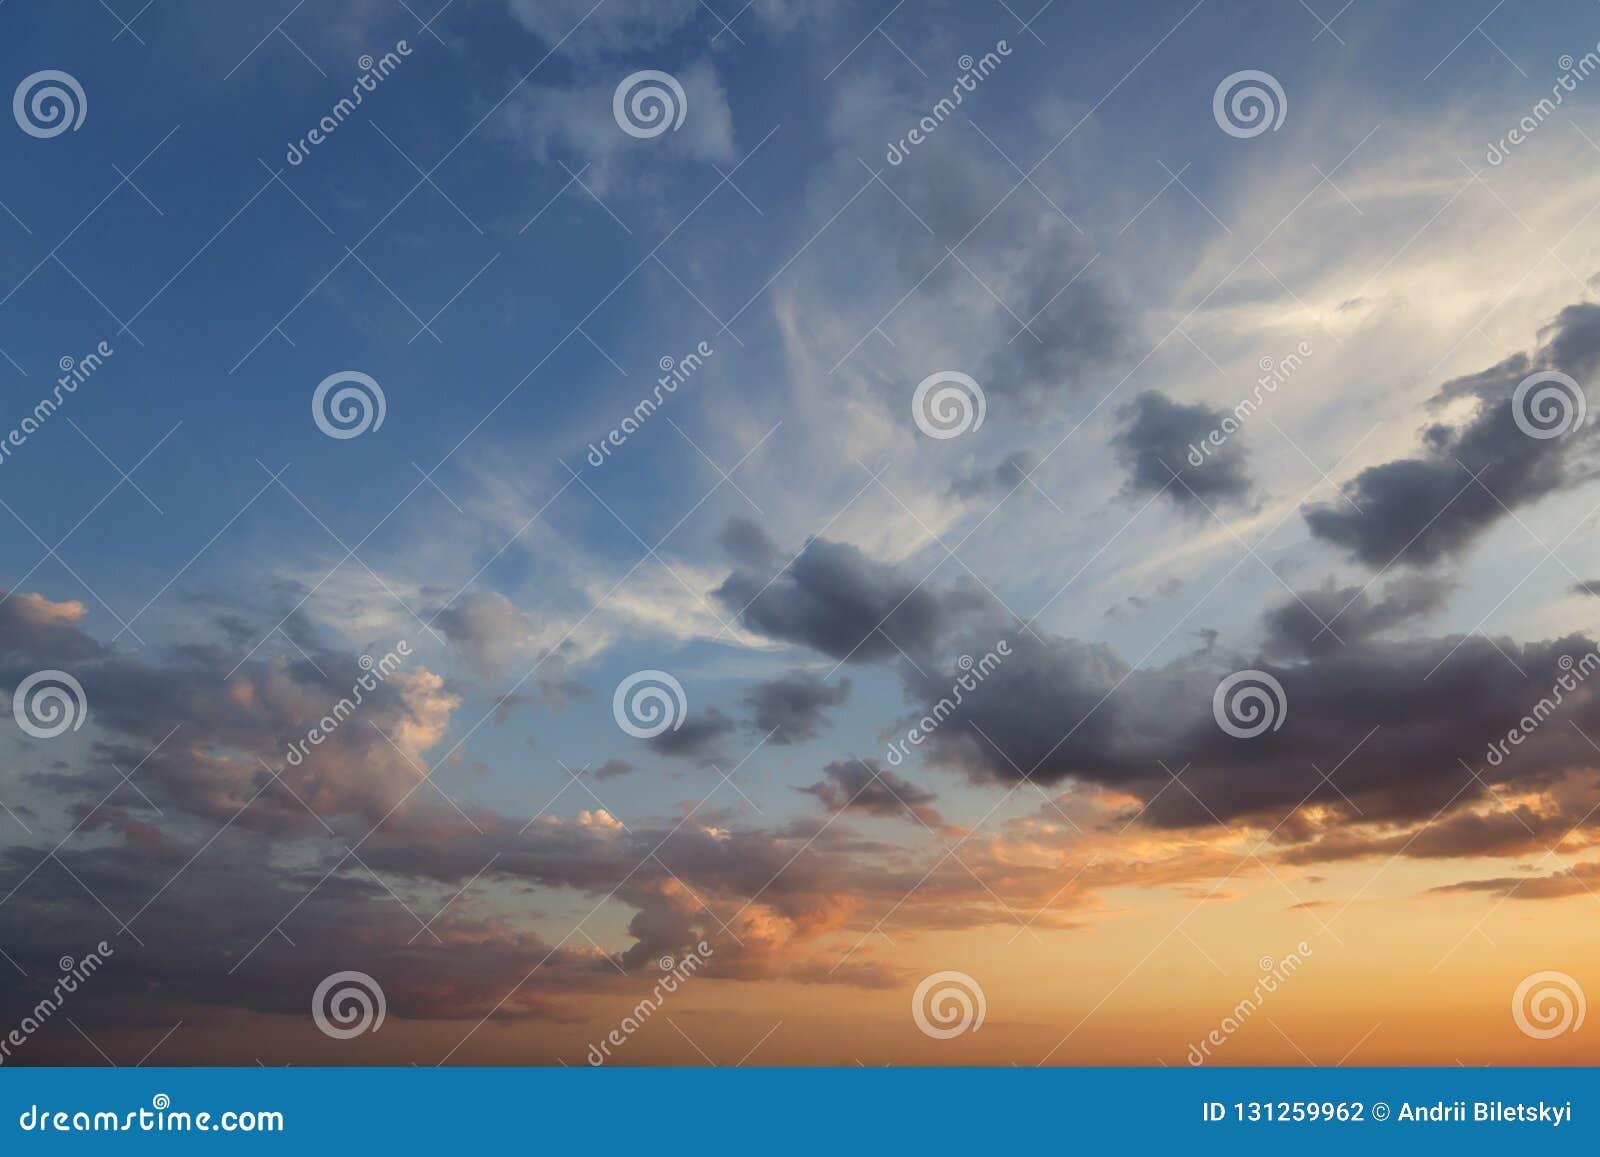 171562645d Panorama de ciel au lever de soleil ou au coucher du soleil La belle vue  des nuages bleu-foncé s'est allumée par le soleil lumineux de jaune orange sur  le ...